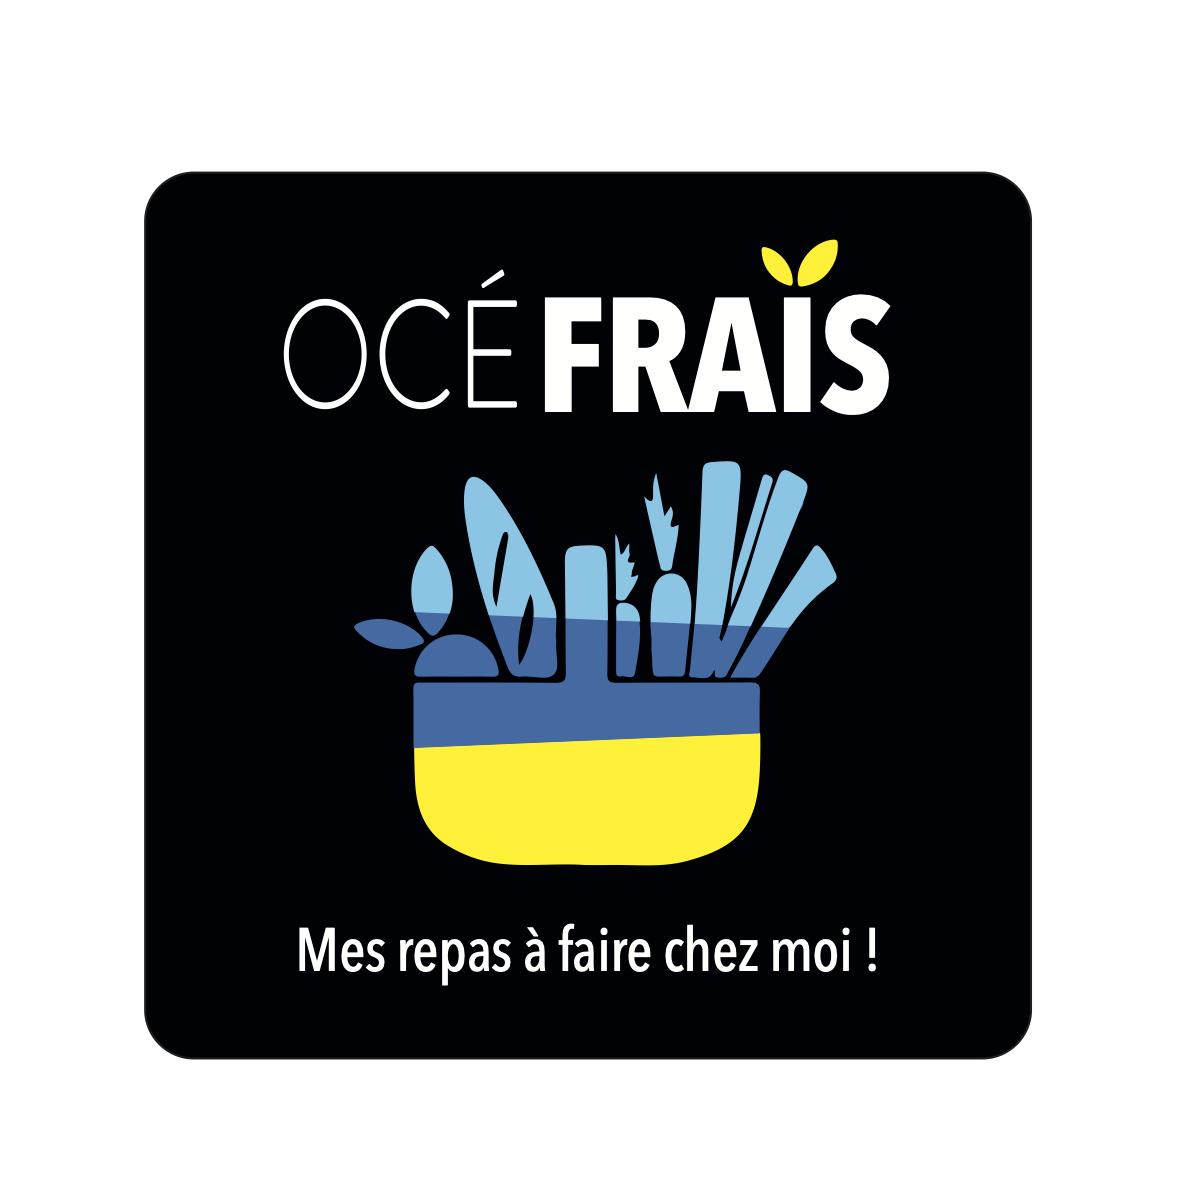 Les repas à faire chez moi – OCEFRAIS 🥦🥕